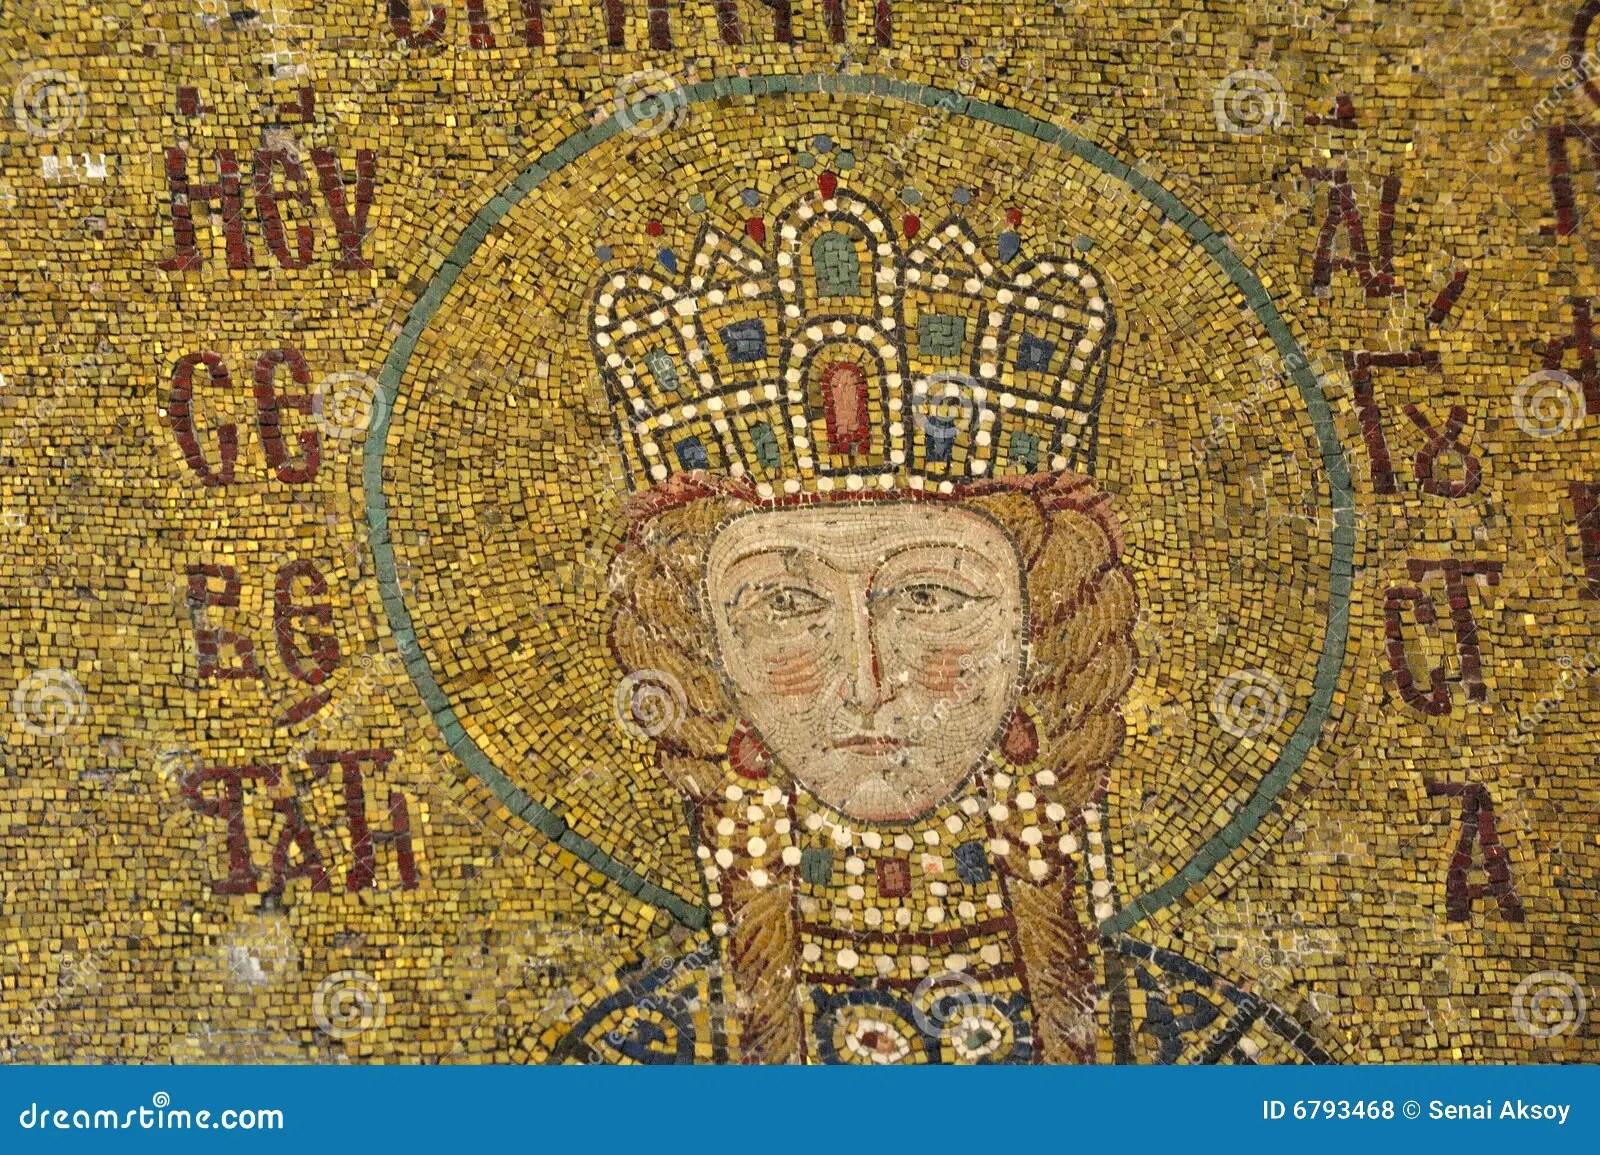 The Comnenus Mosaics Hagia Sophia Istanbul Stock Photo